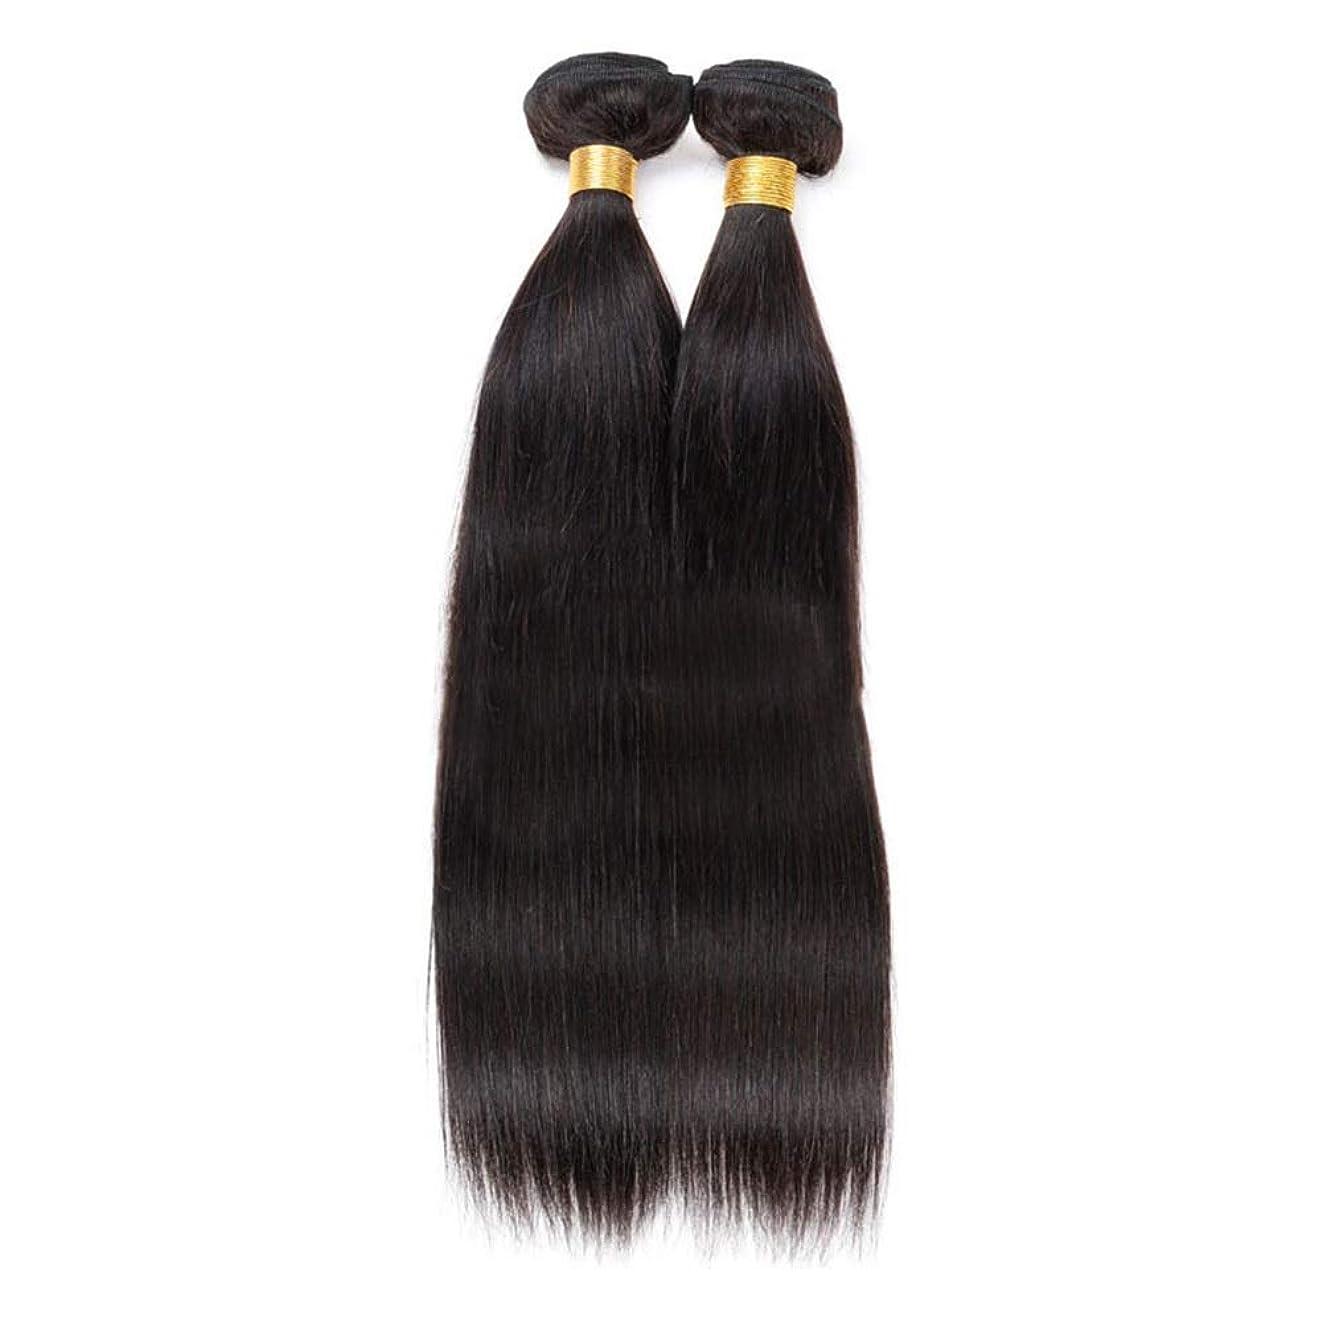 下拘束見るBOBIDYEE 100%人毛バンドルブラジルバージンヘアエクステンション横糸レミーストレート#1Bナチュラルブラック(1バンドル、50g)ロングストレートヘア (色 : 黒, サイズ : 24 inch)